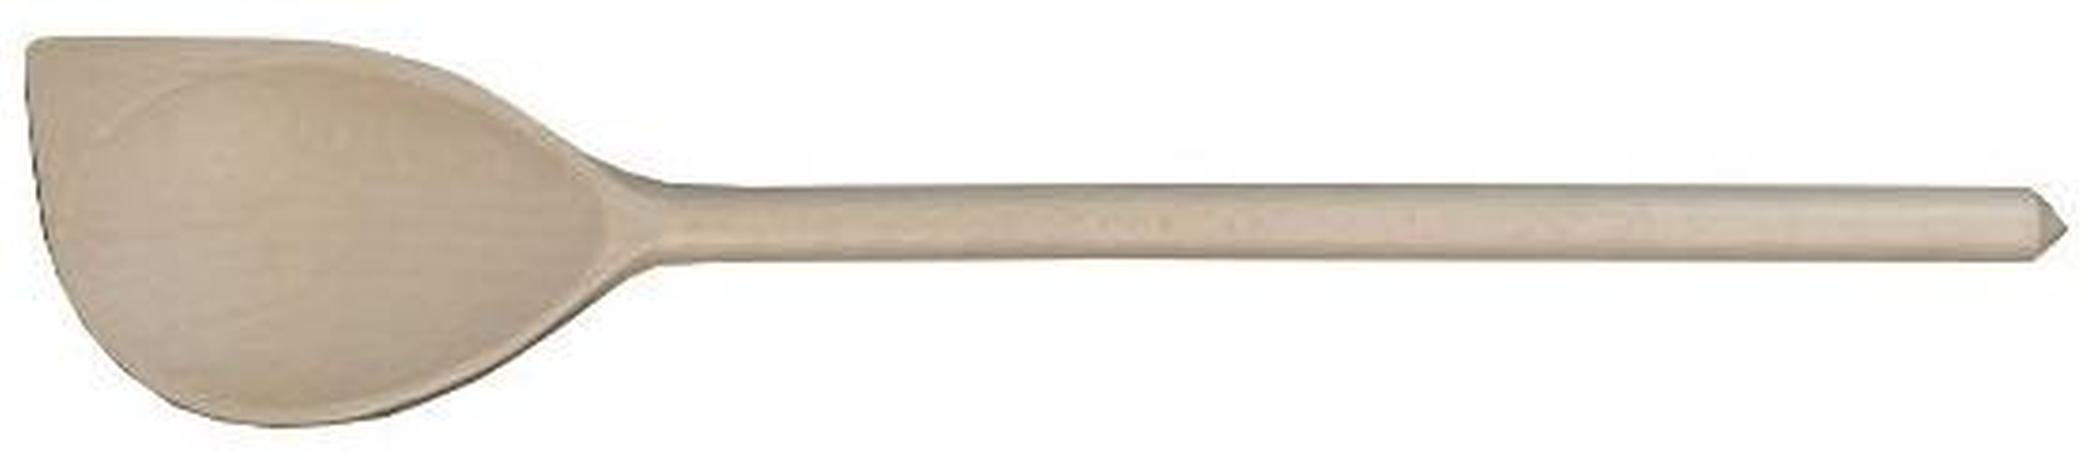 Vařečka oválná s rohem 30 cm, dřevo